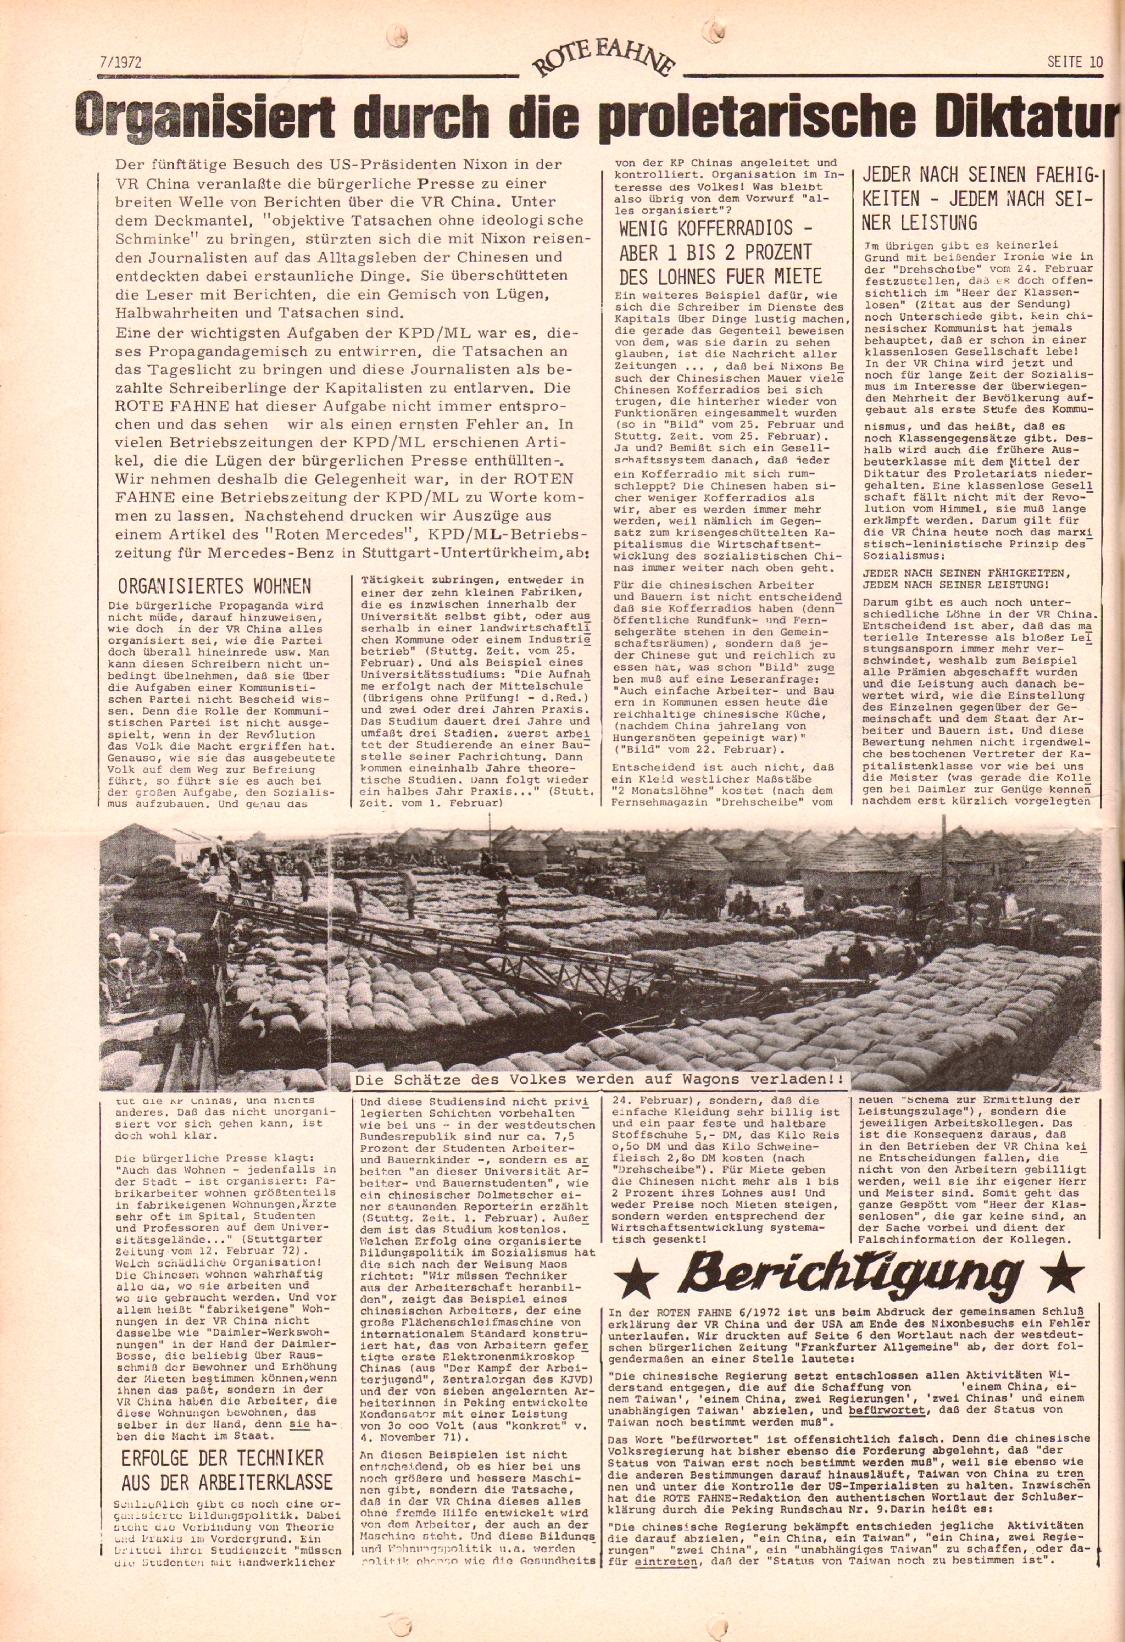 Rote Fahne, 3. Jg., 3.4.1972, Nr. 7, Seite 10